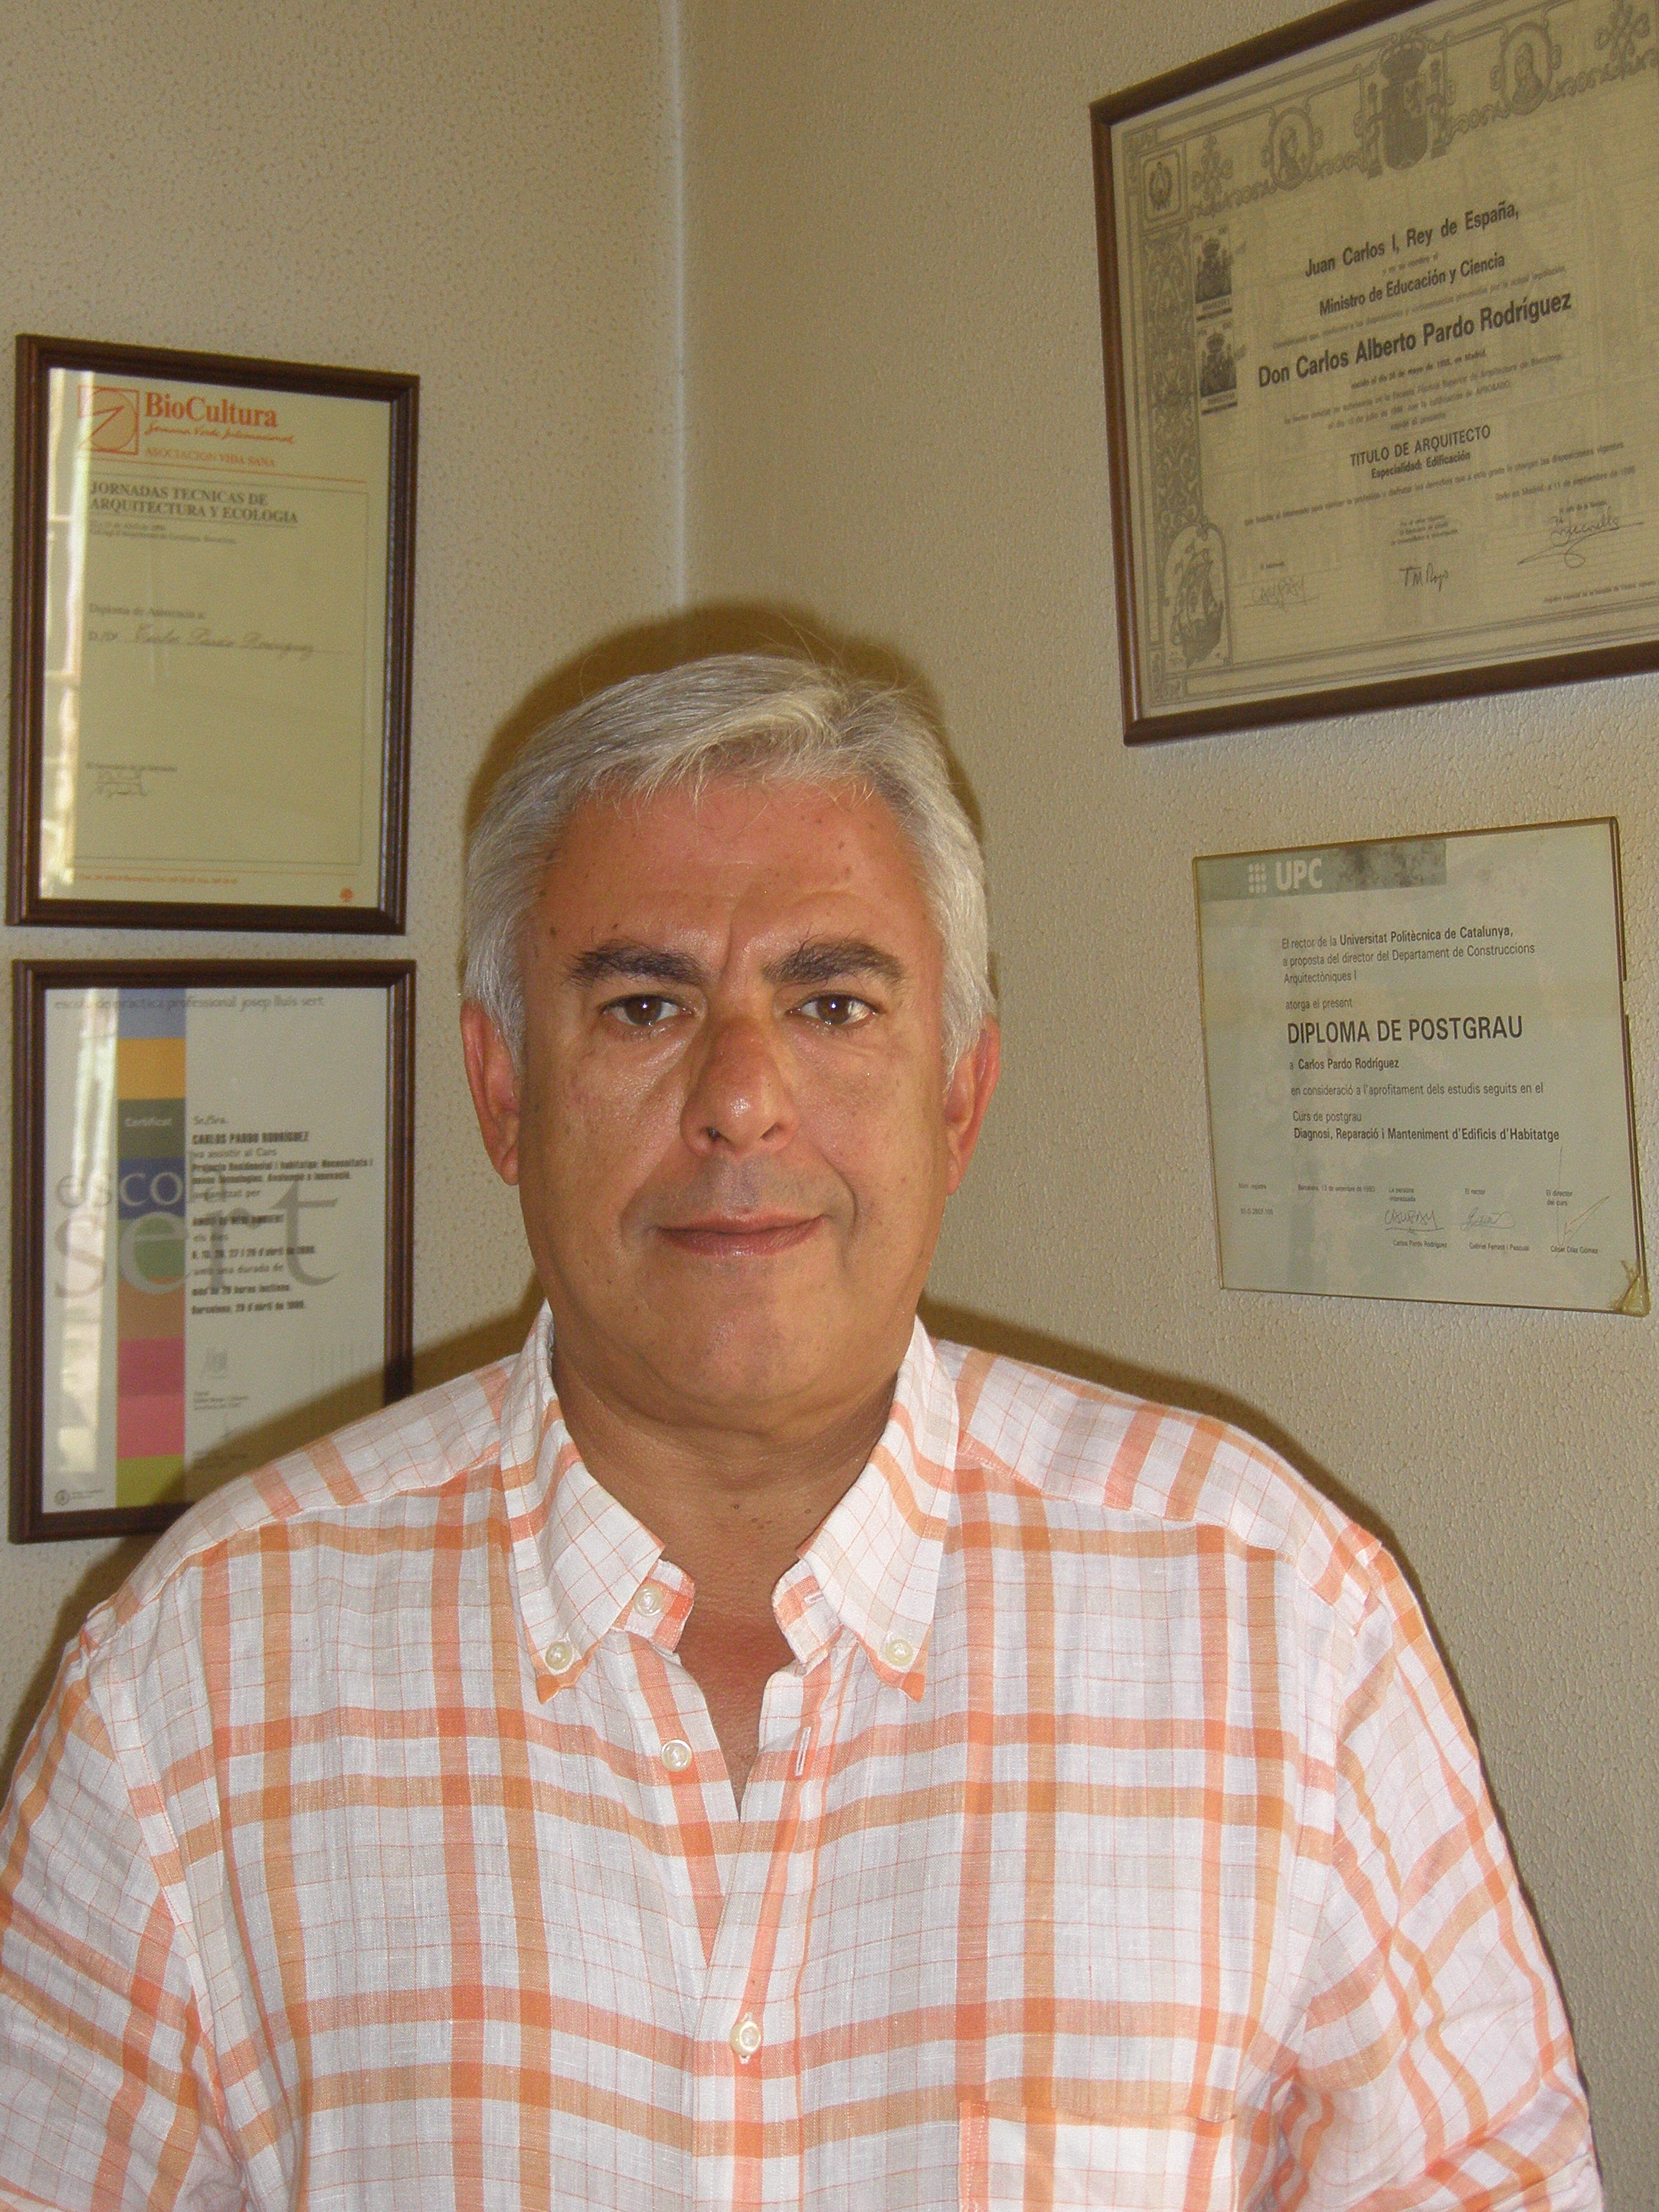 Carlos Pardo Arquitecte